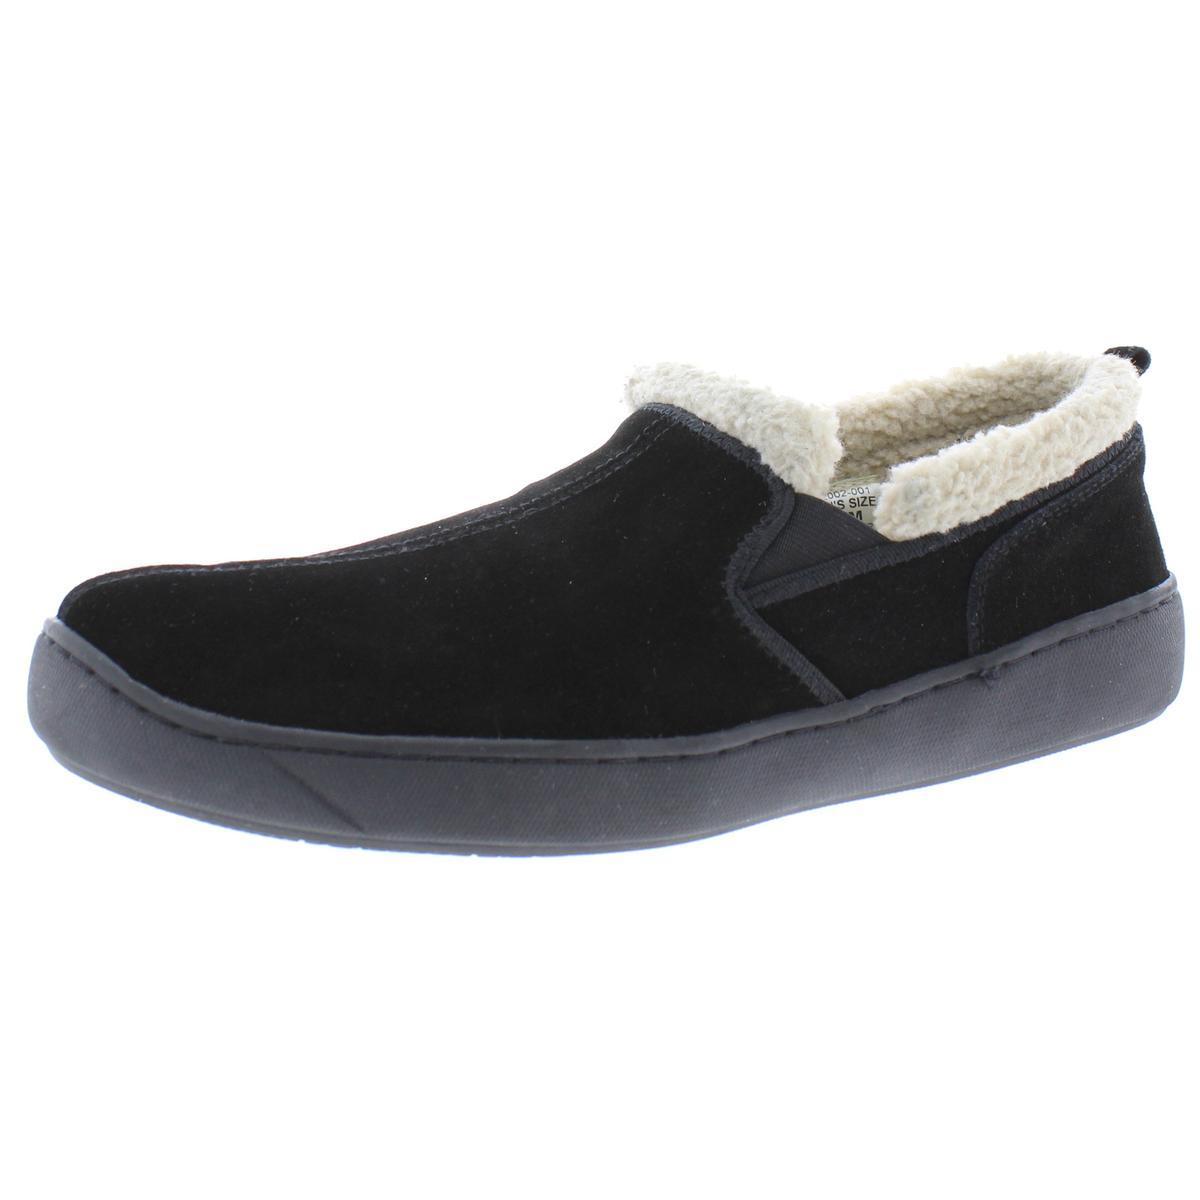 NITPICK - BLACK LEATHER - Evans Shoes